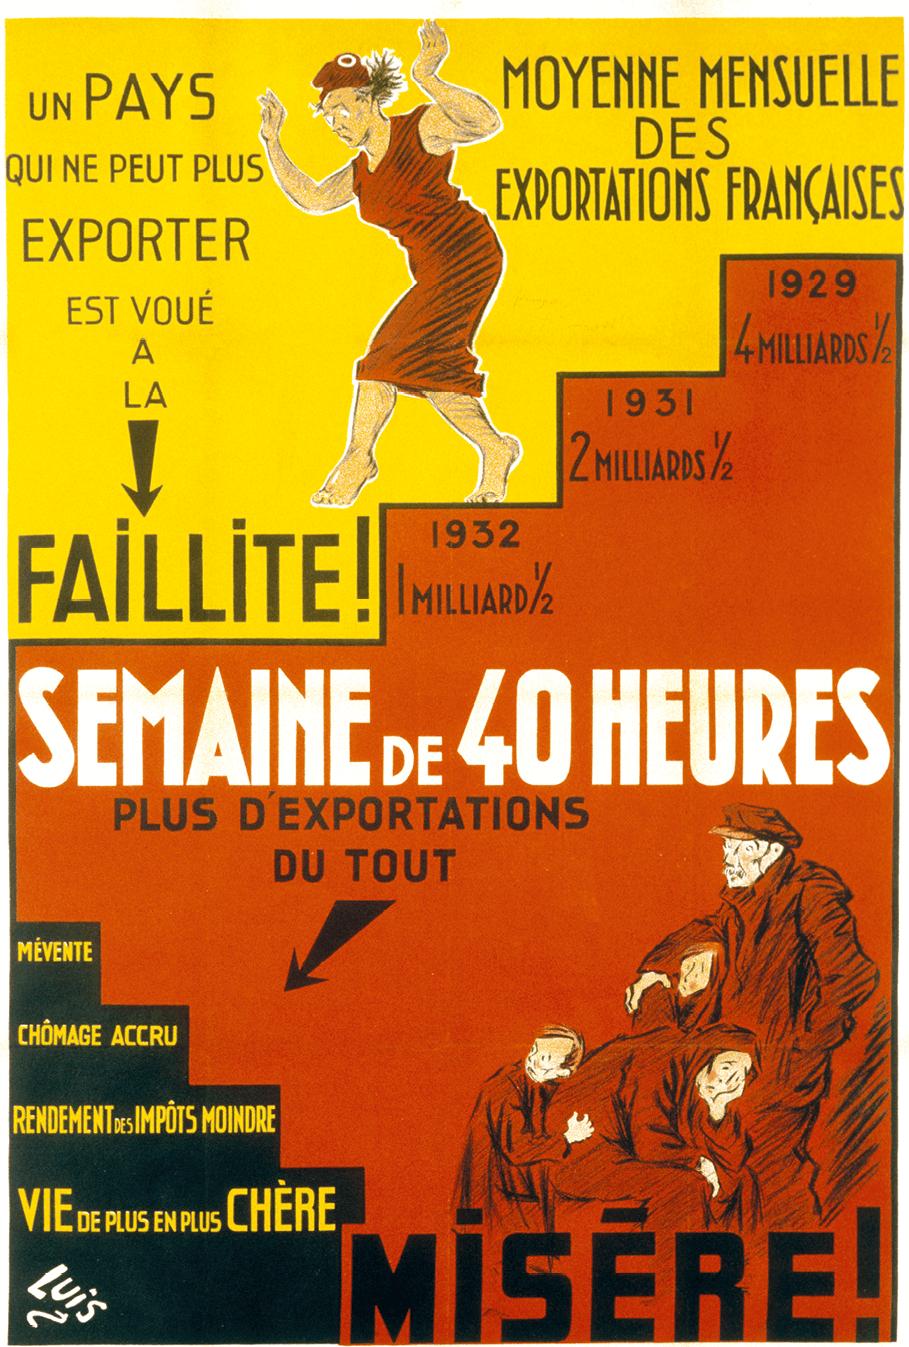 Luis, Un Pays qui ne peut plus exporter est voué à la faillite, 1936, lithographie en couleurs, bibliothèque Forney, Paris.